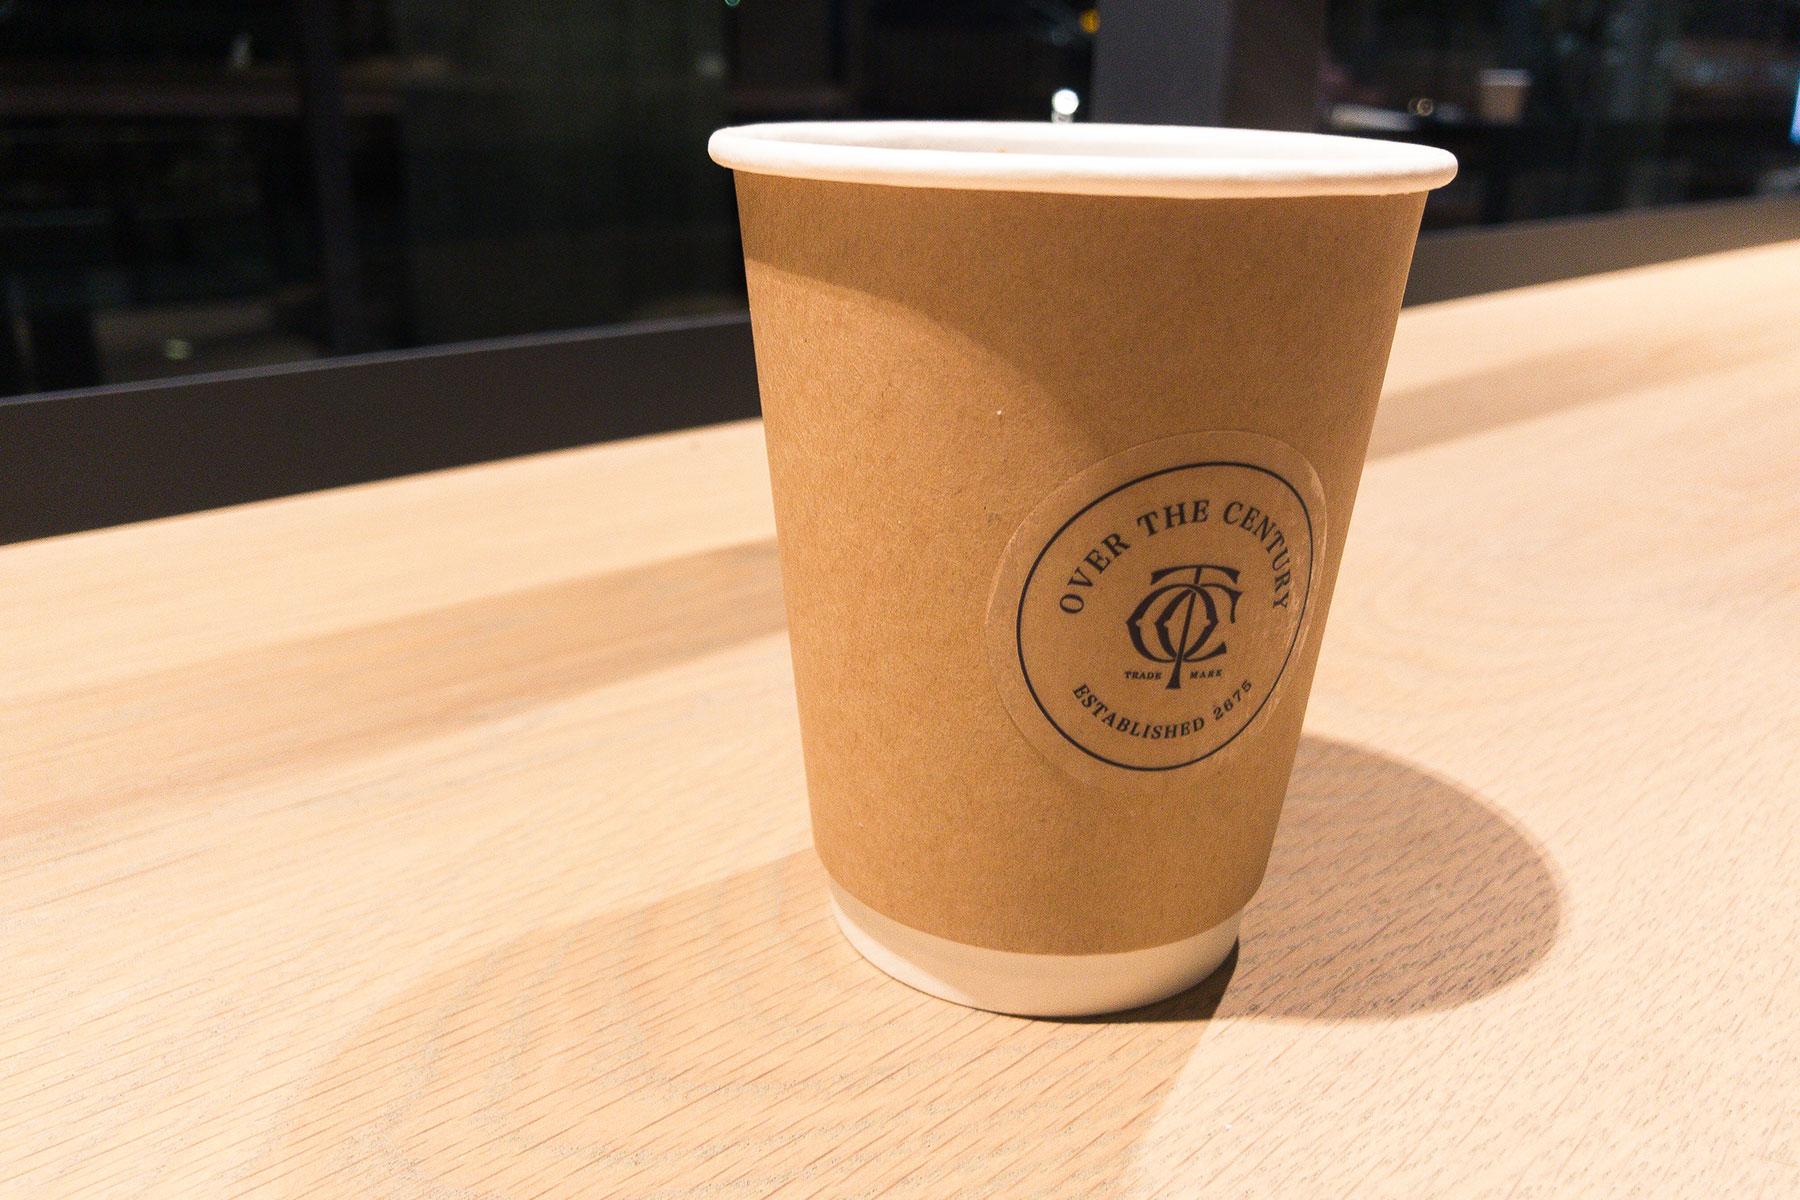 【大阪・梅田】おすすめカフェ・コーヒースタンドまとめ OVER THE CENTURY (オーバーザセンチュリー)